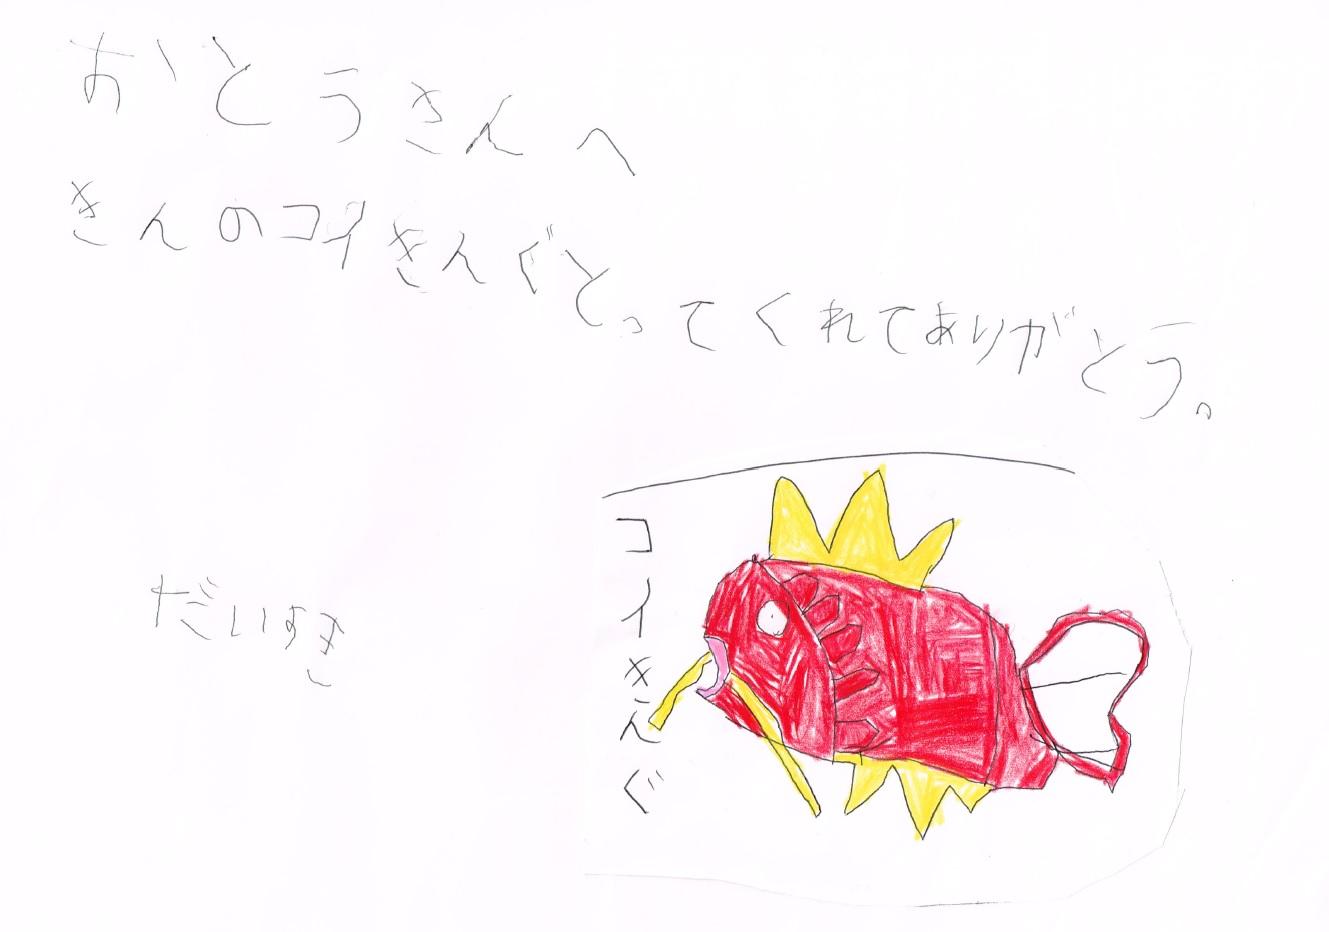 凜太郎手紙